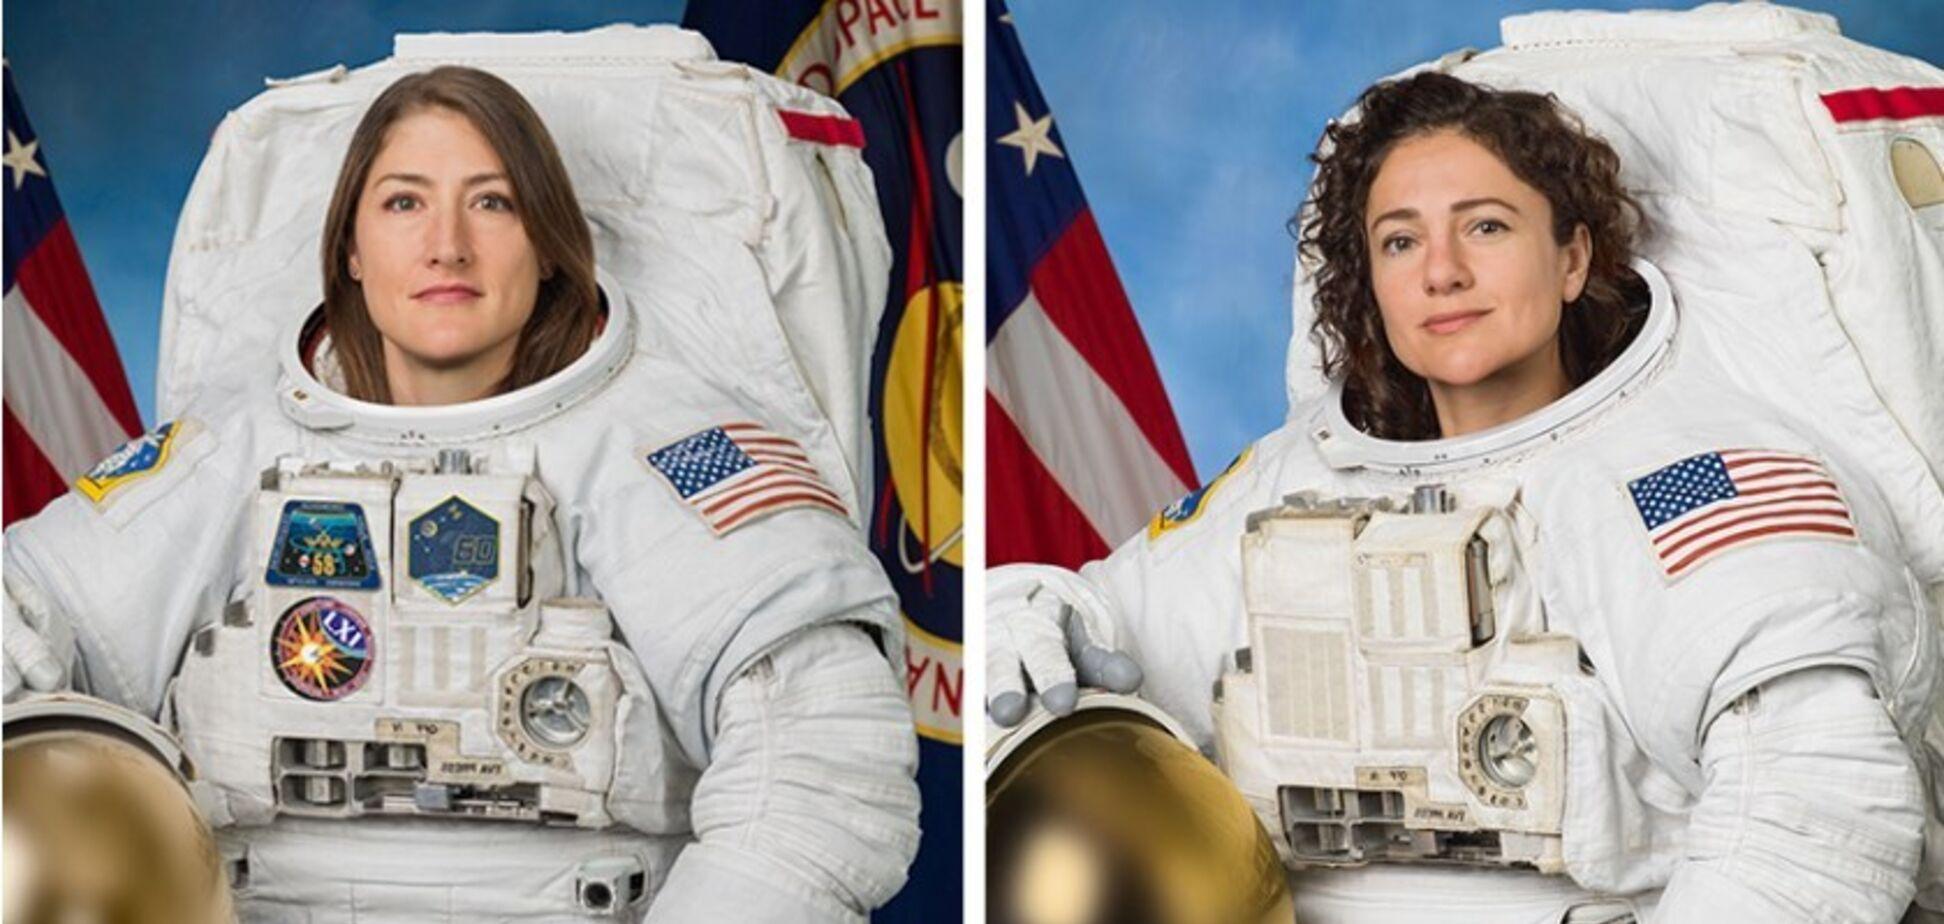 Впервые в истории: две астронавтки отправились в открытый космос с МКС